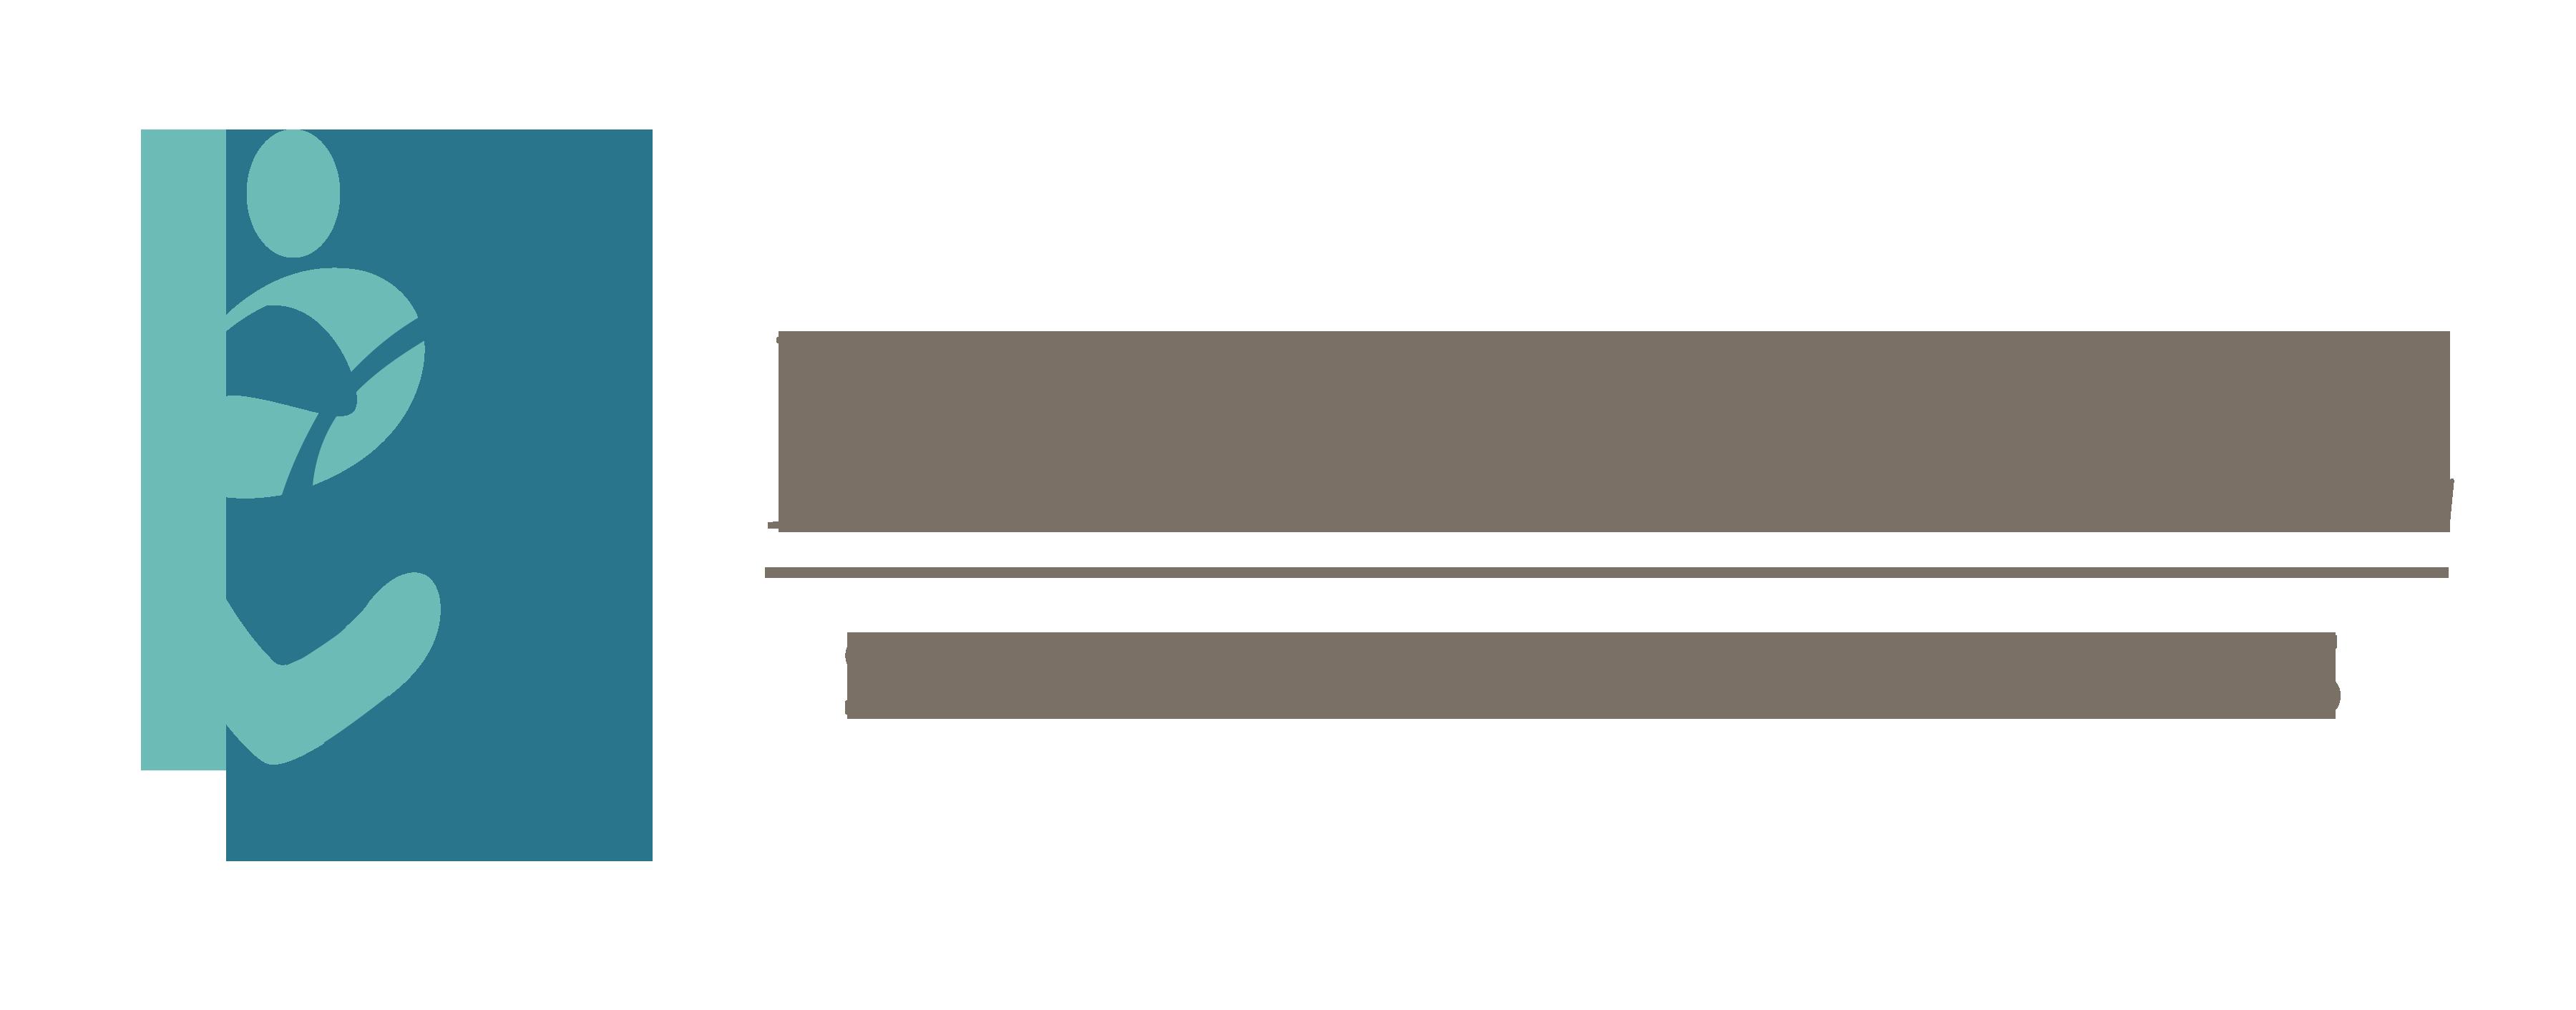 Eldercare